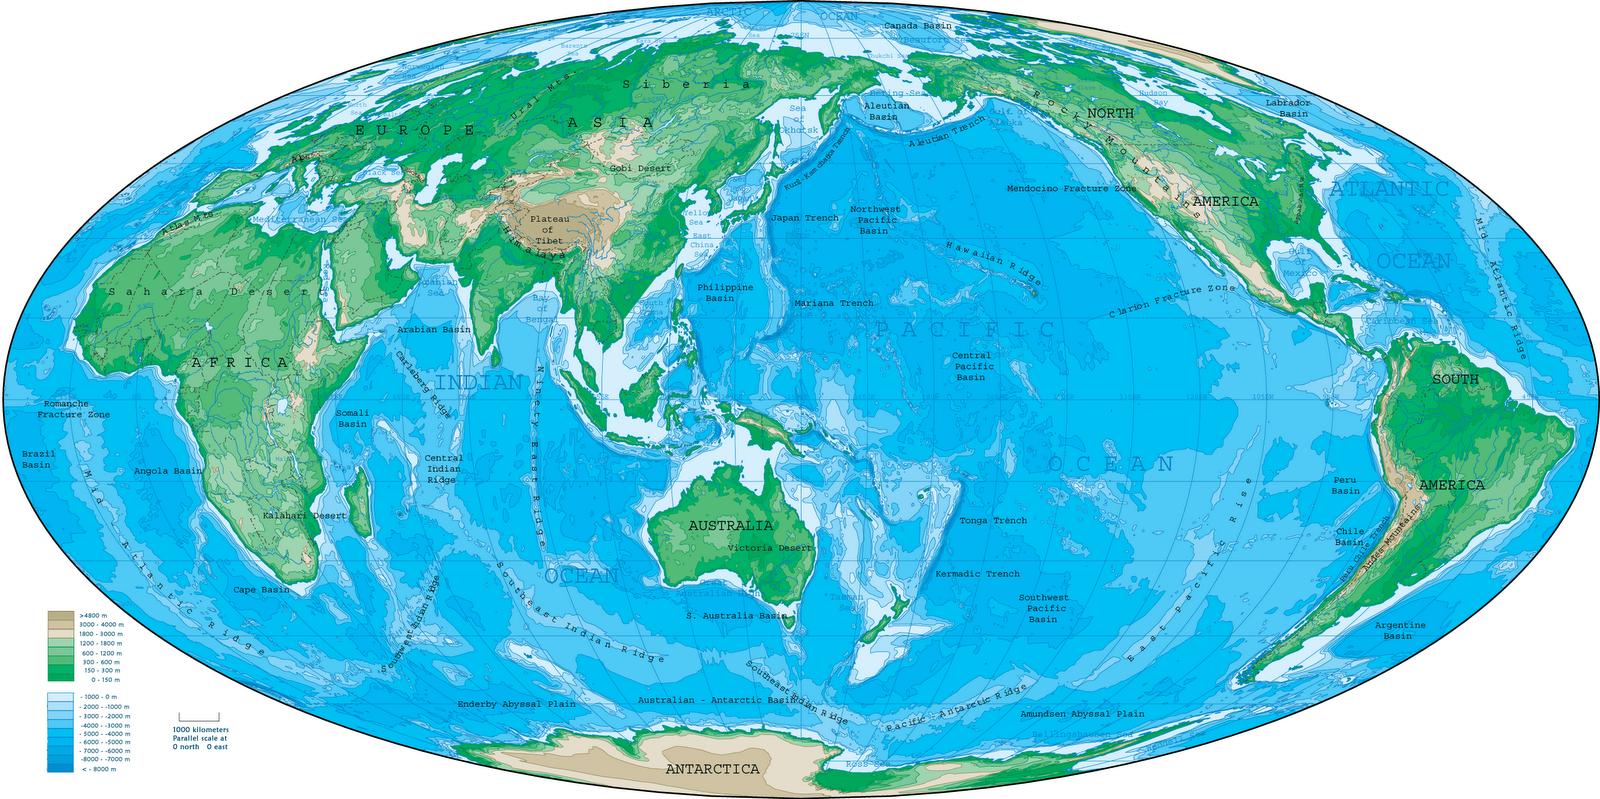 mapamundigif 1600799  Cincia infografies i mapes  Pinterest